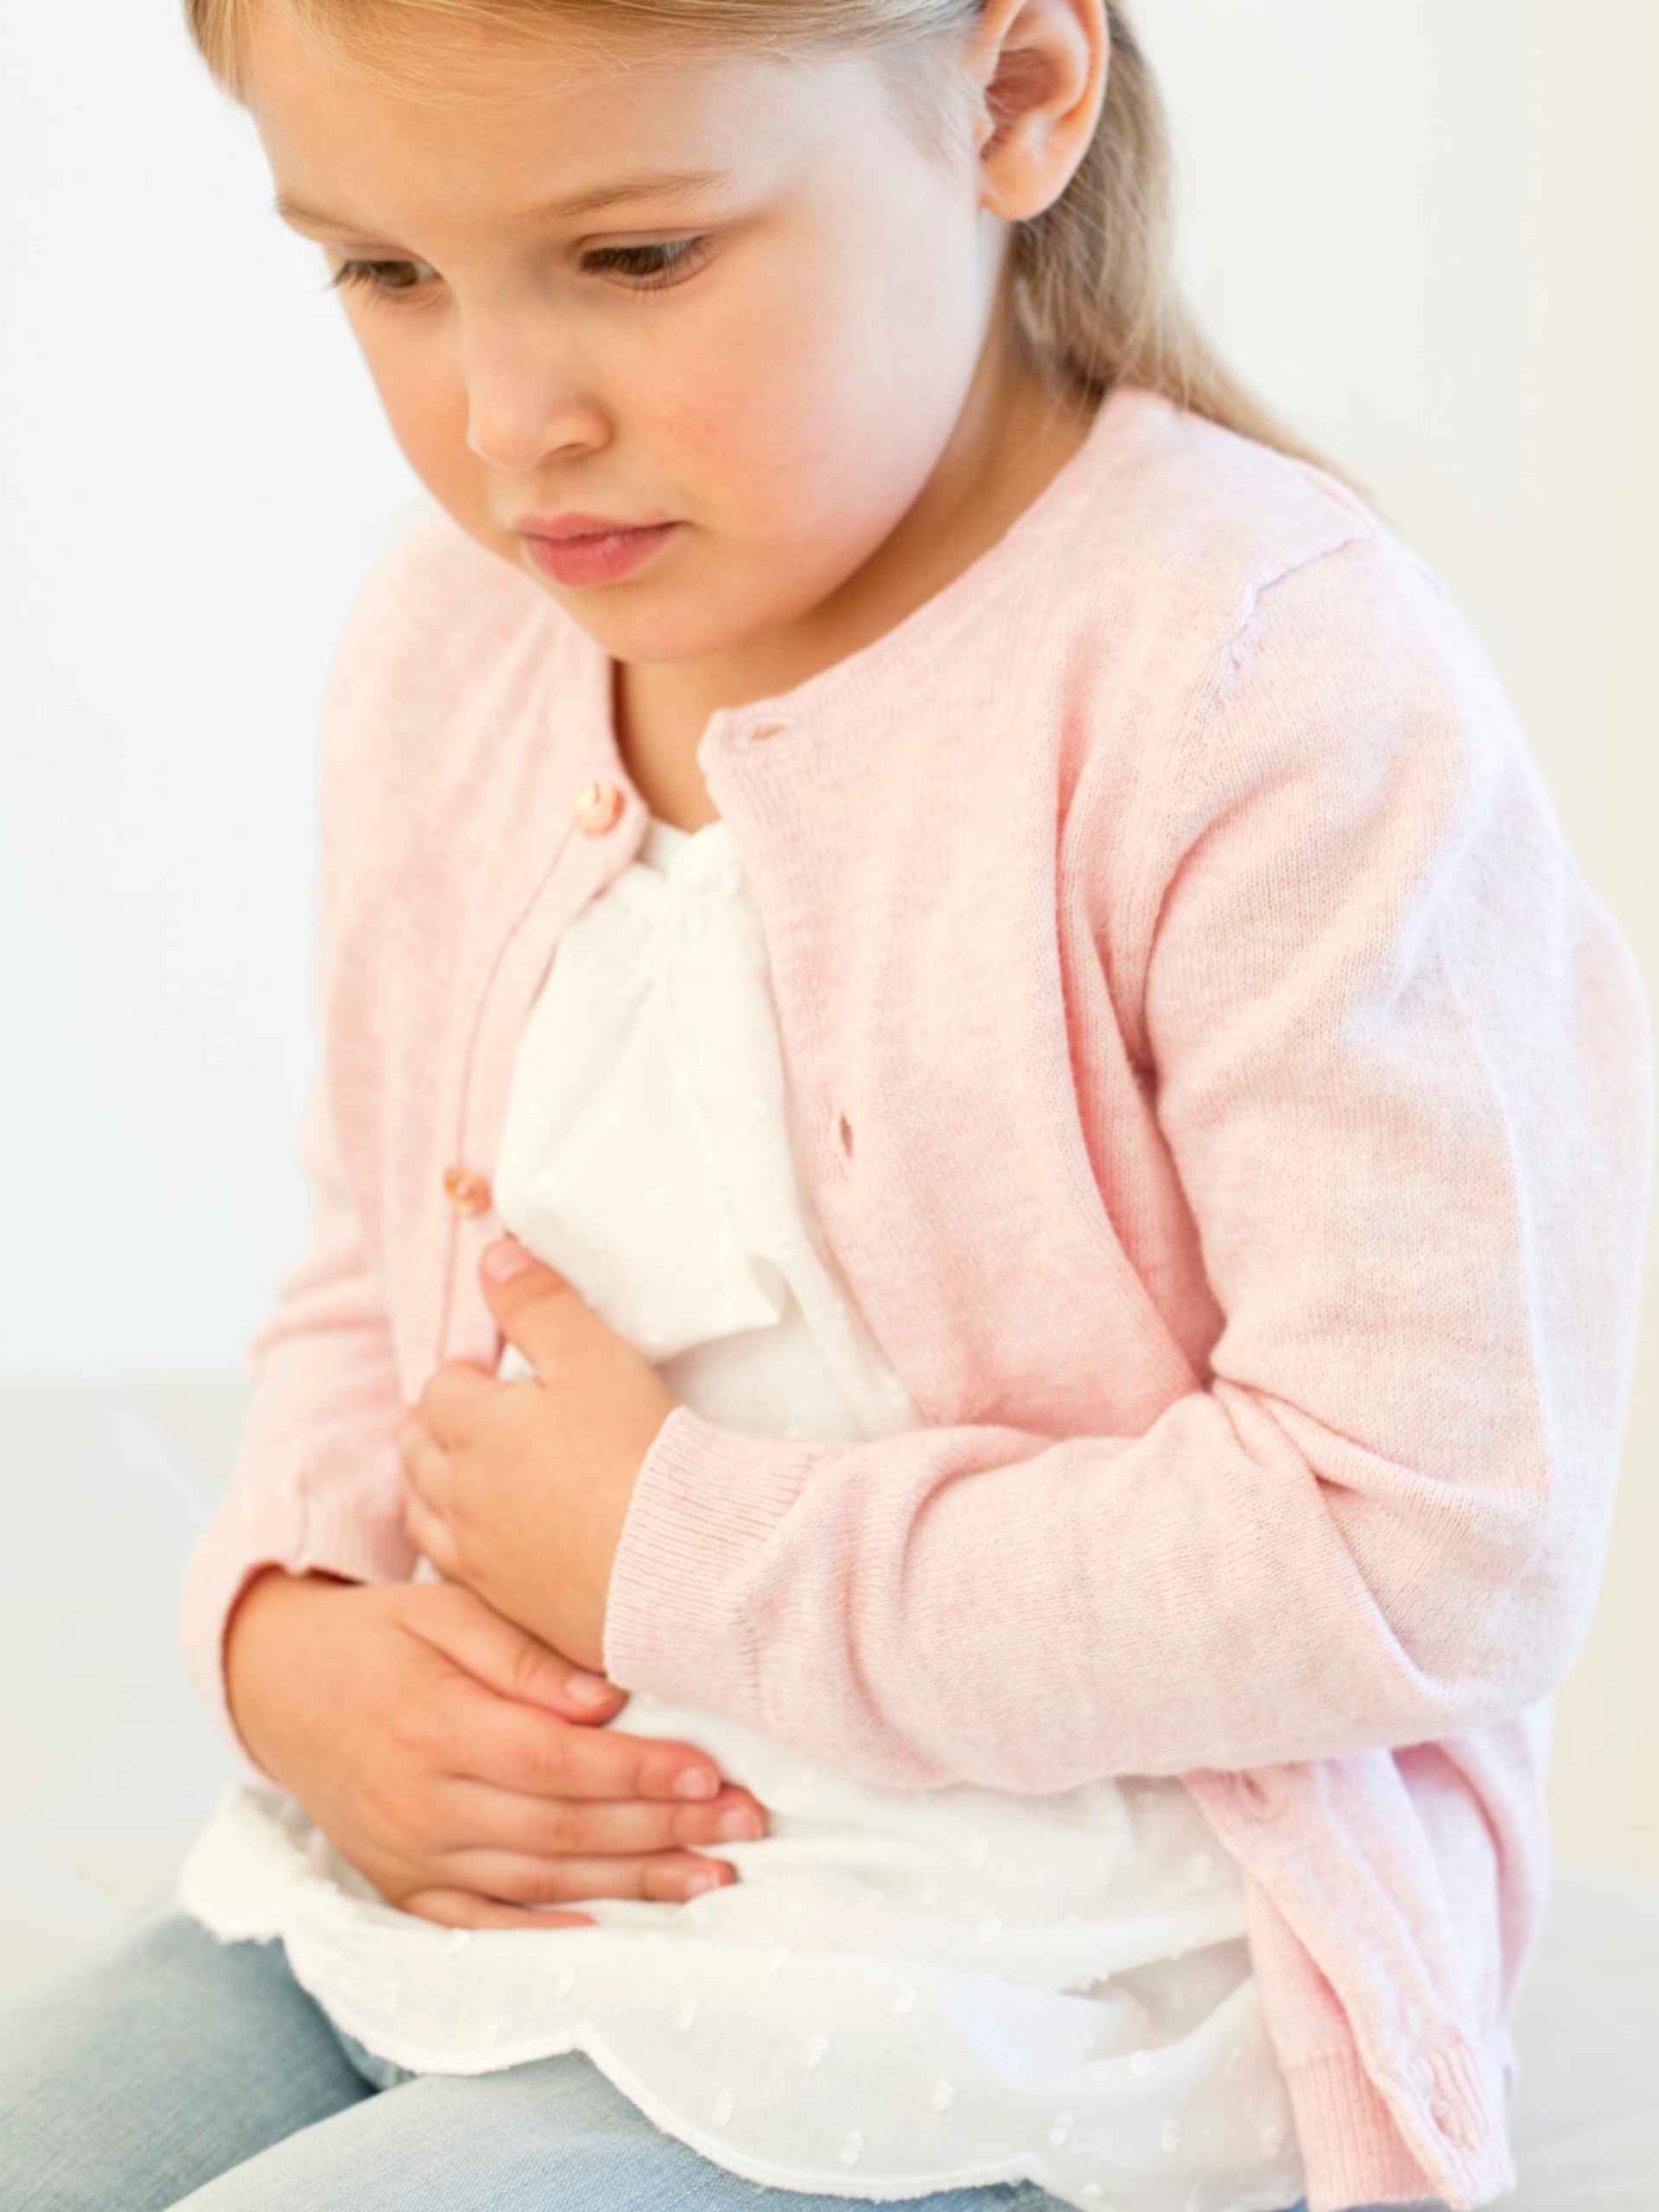 kindervoedingscoach helpt bij klachten met gezond eten